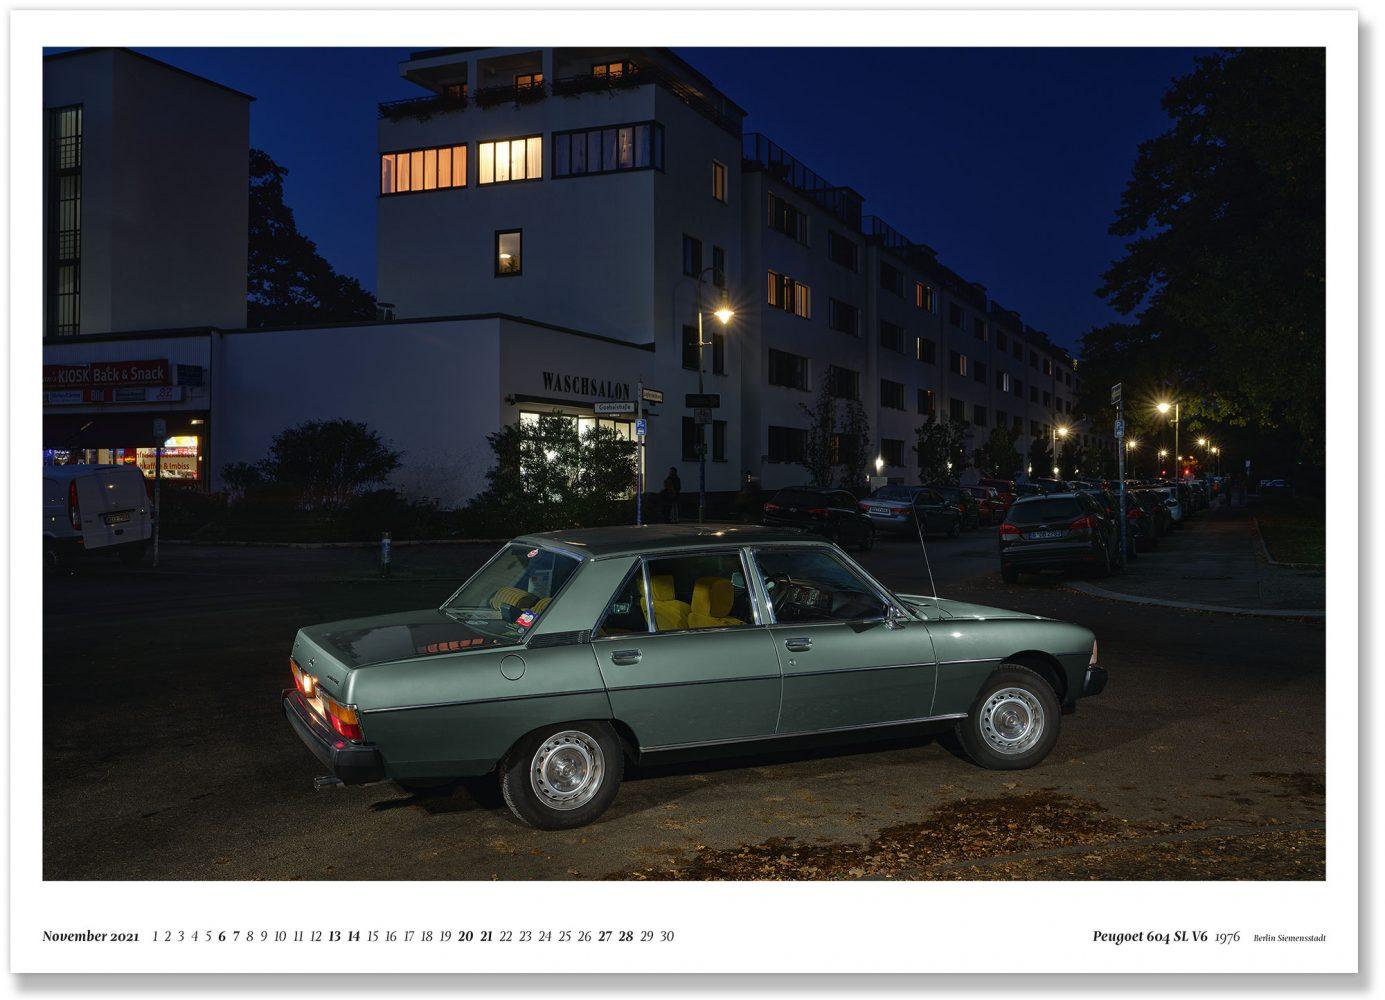 Peugoet 604 SL V6 1976 Berlin Siemensstadt